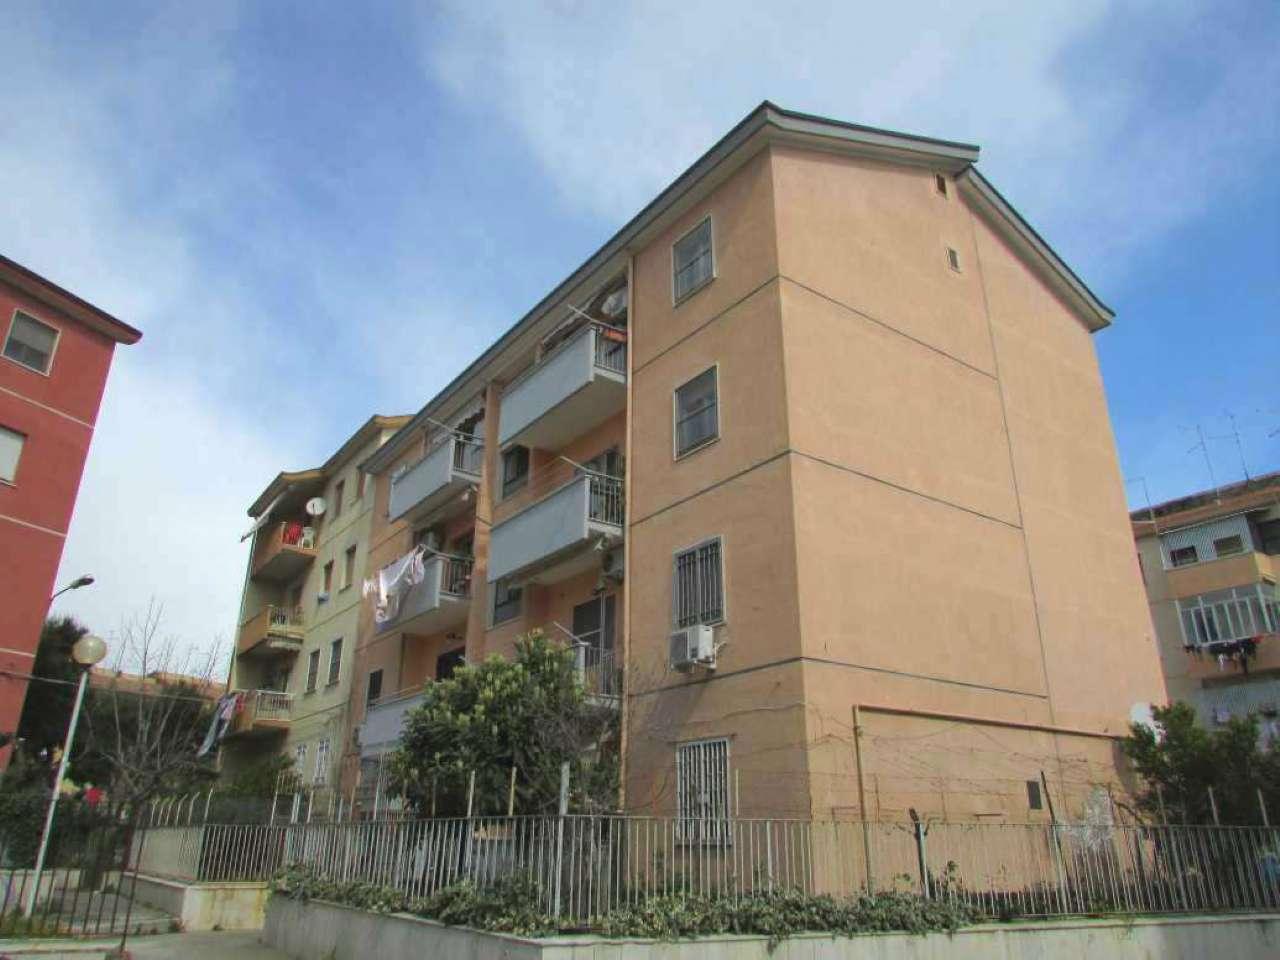 Appartamento in vendita a Foggia, 4 locali, prezzo € 79.000 | CambioCasa.it